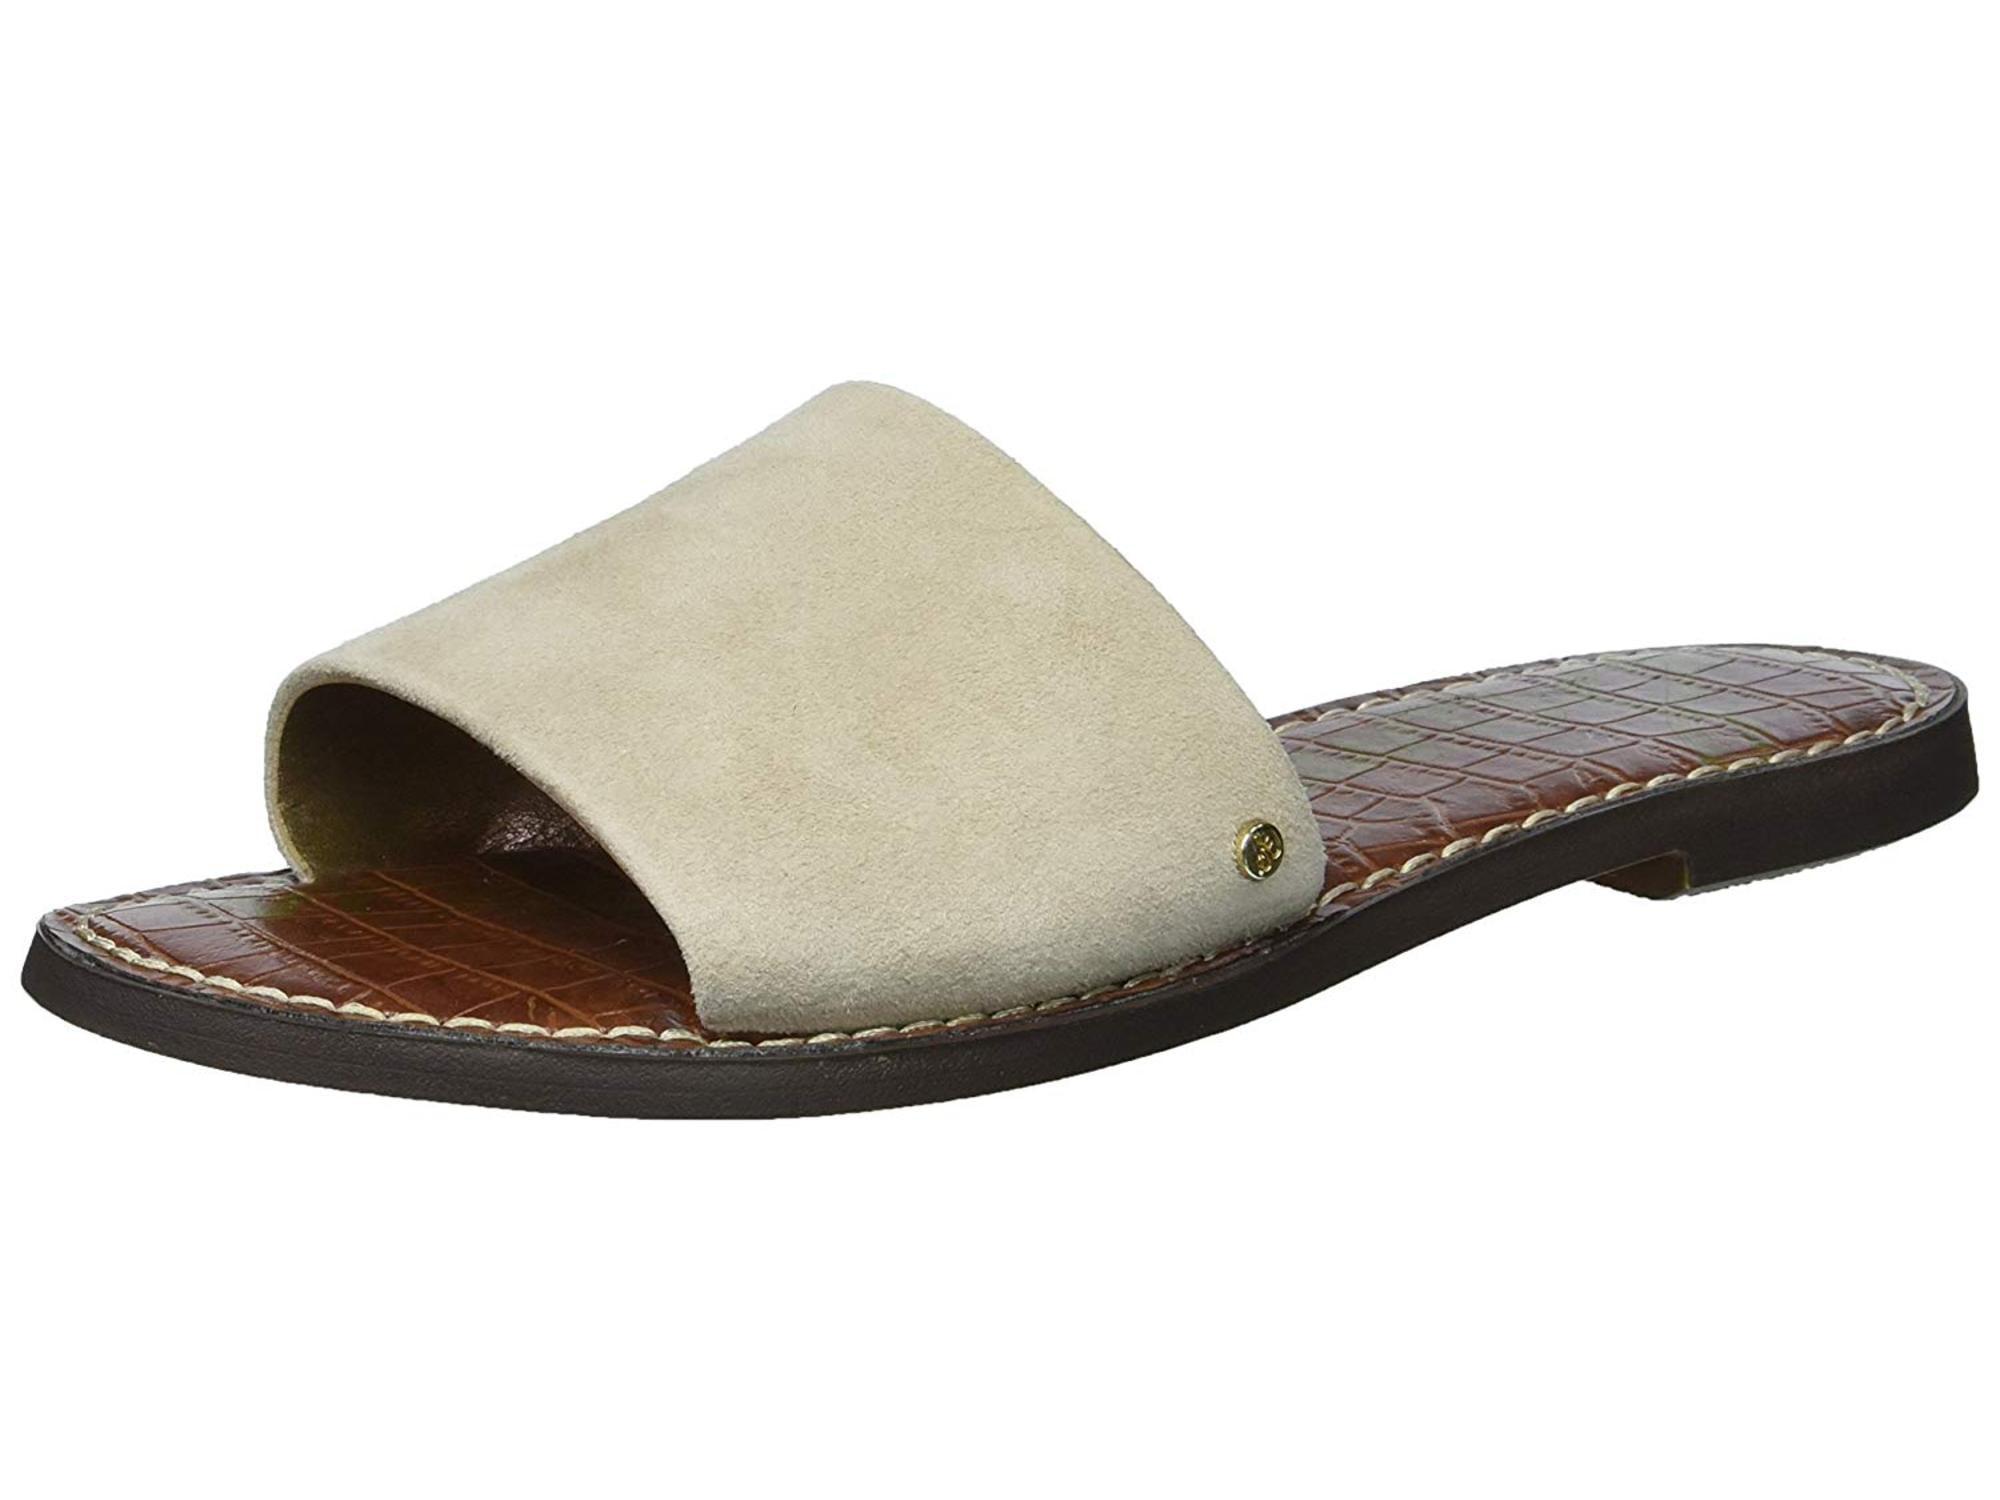 fb6dbffff05 Sam Edelman Women s Gio Denim Blue Suede Leather Sandal - 7.5M